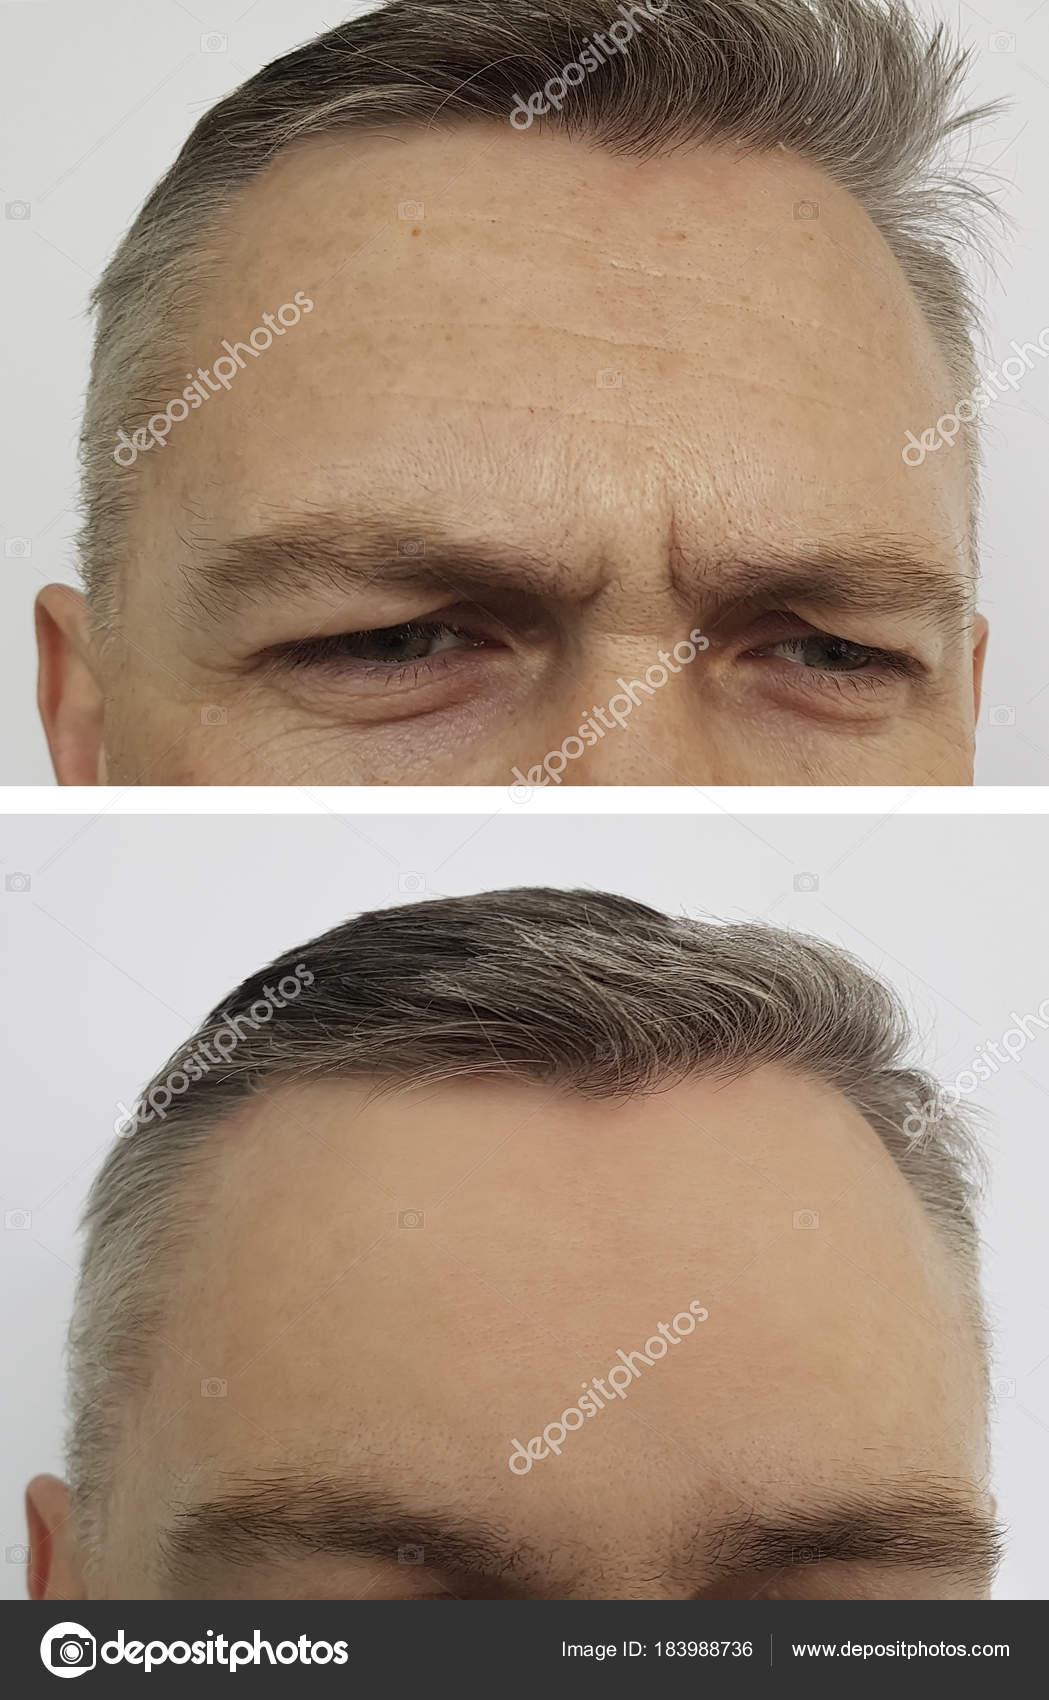 rimpels voorhoofd man